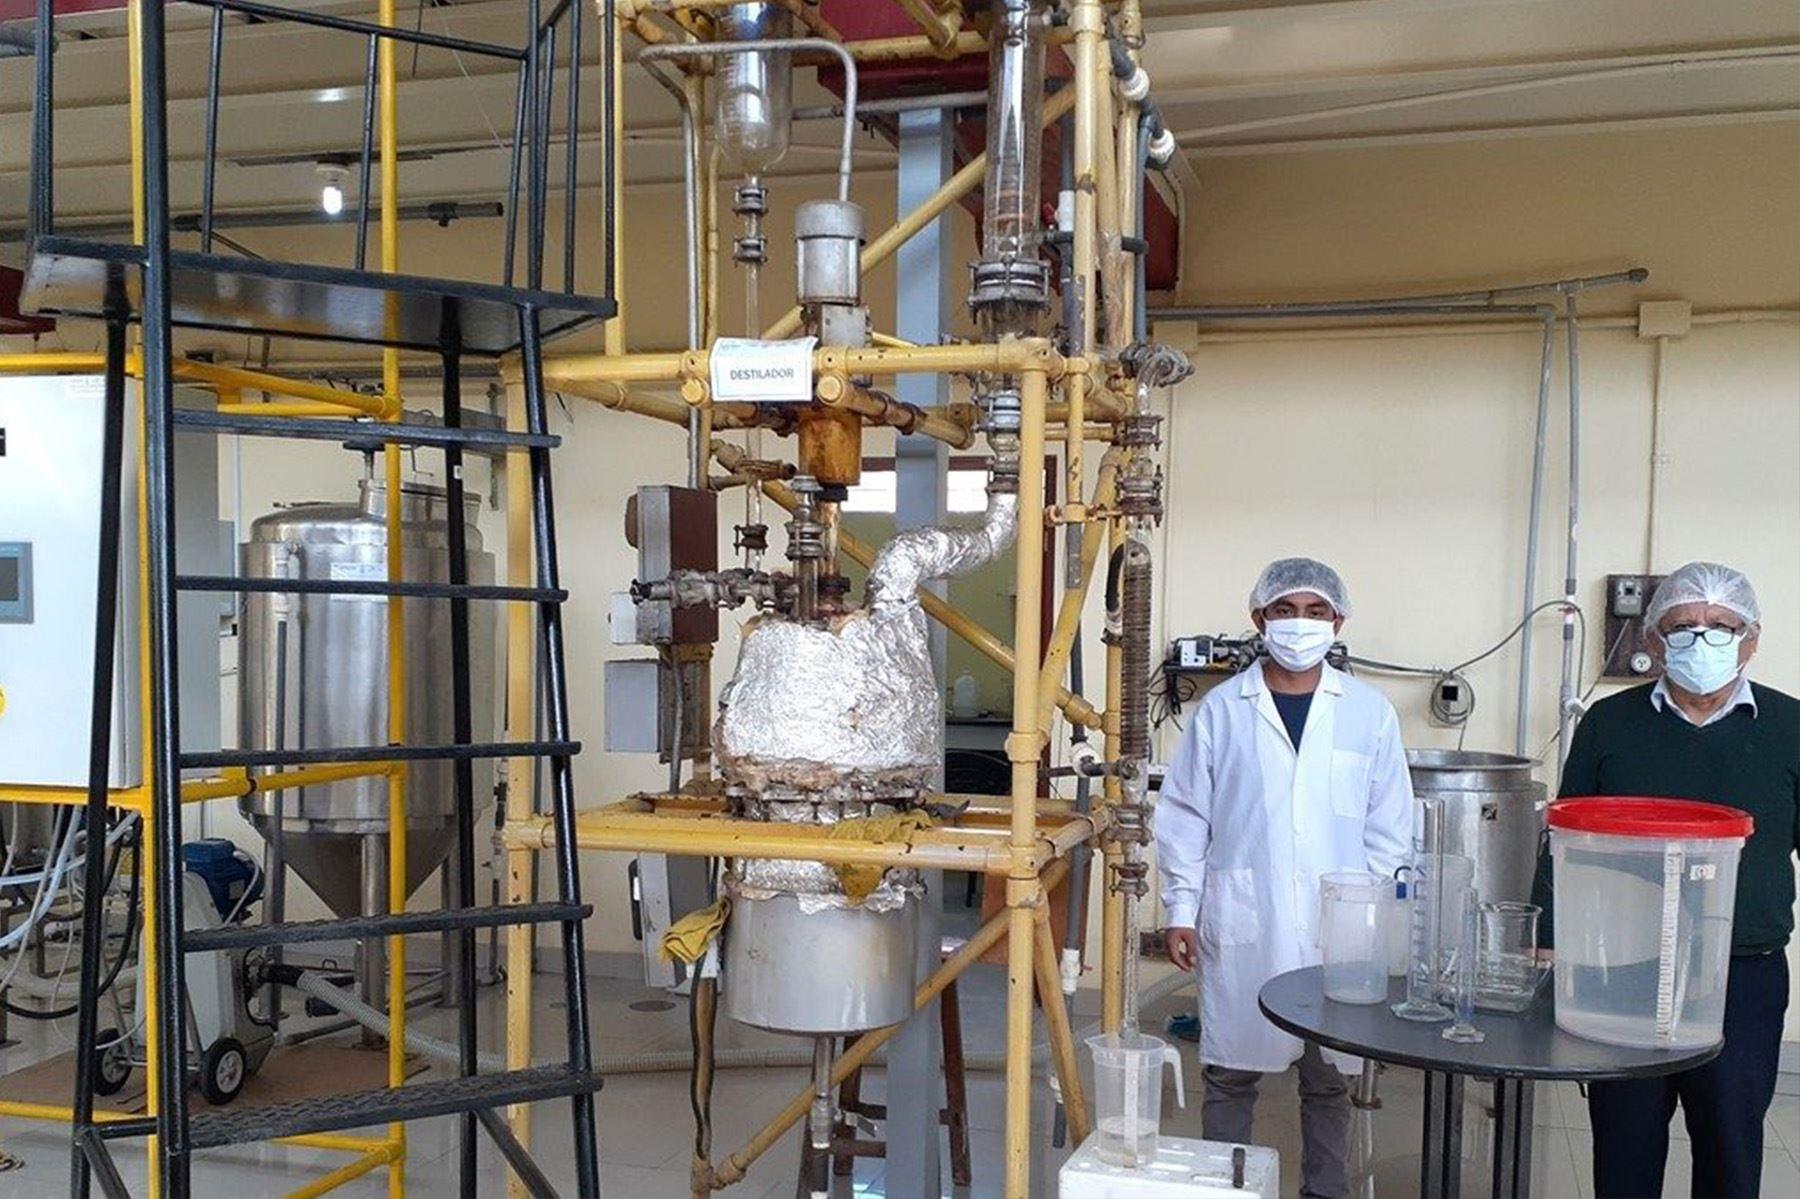 Investigadores de la UNI produce alcohol medicinal y alcohol gel, aromatizado con la esencia de hojas de eucalipto.